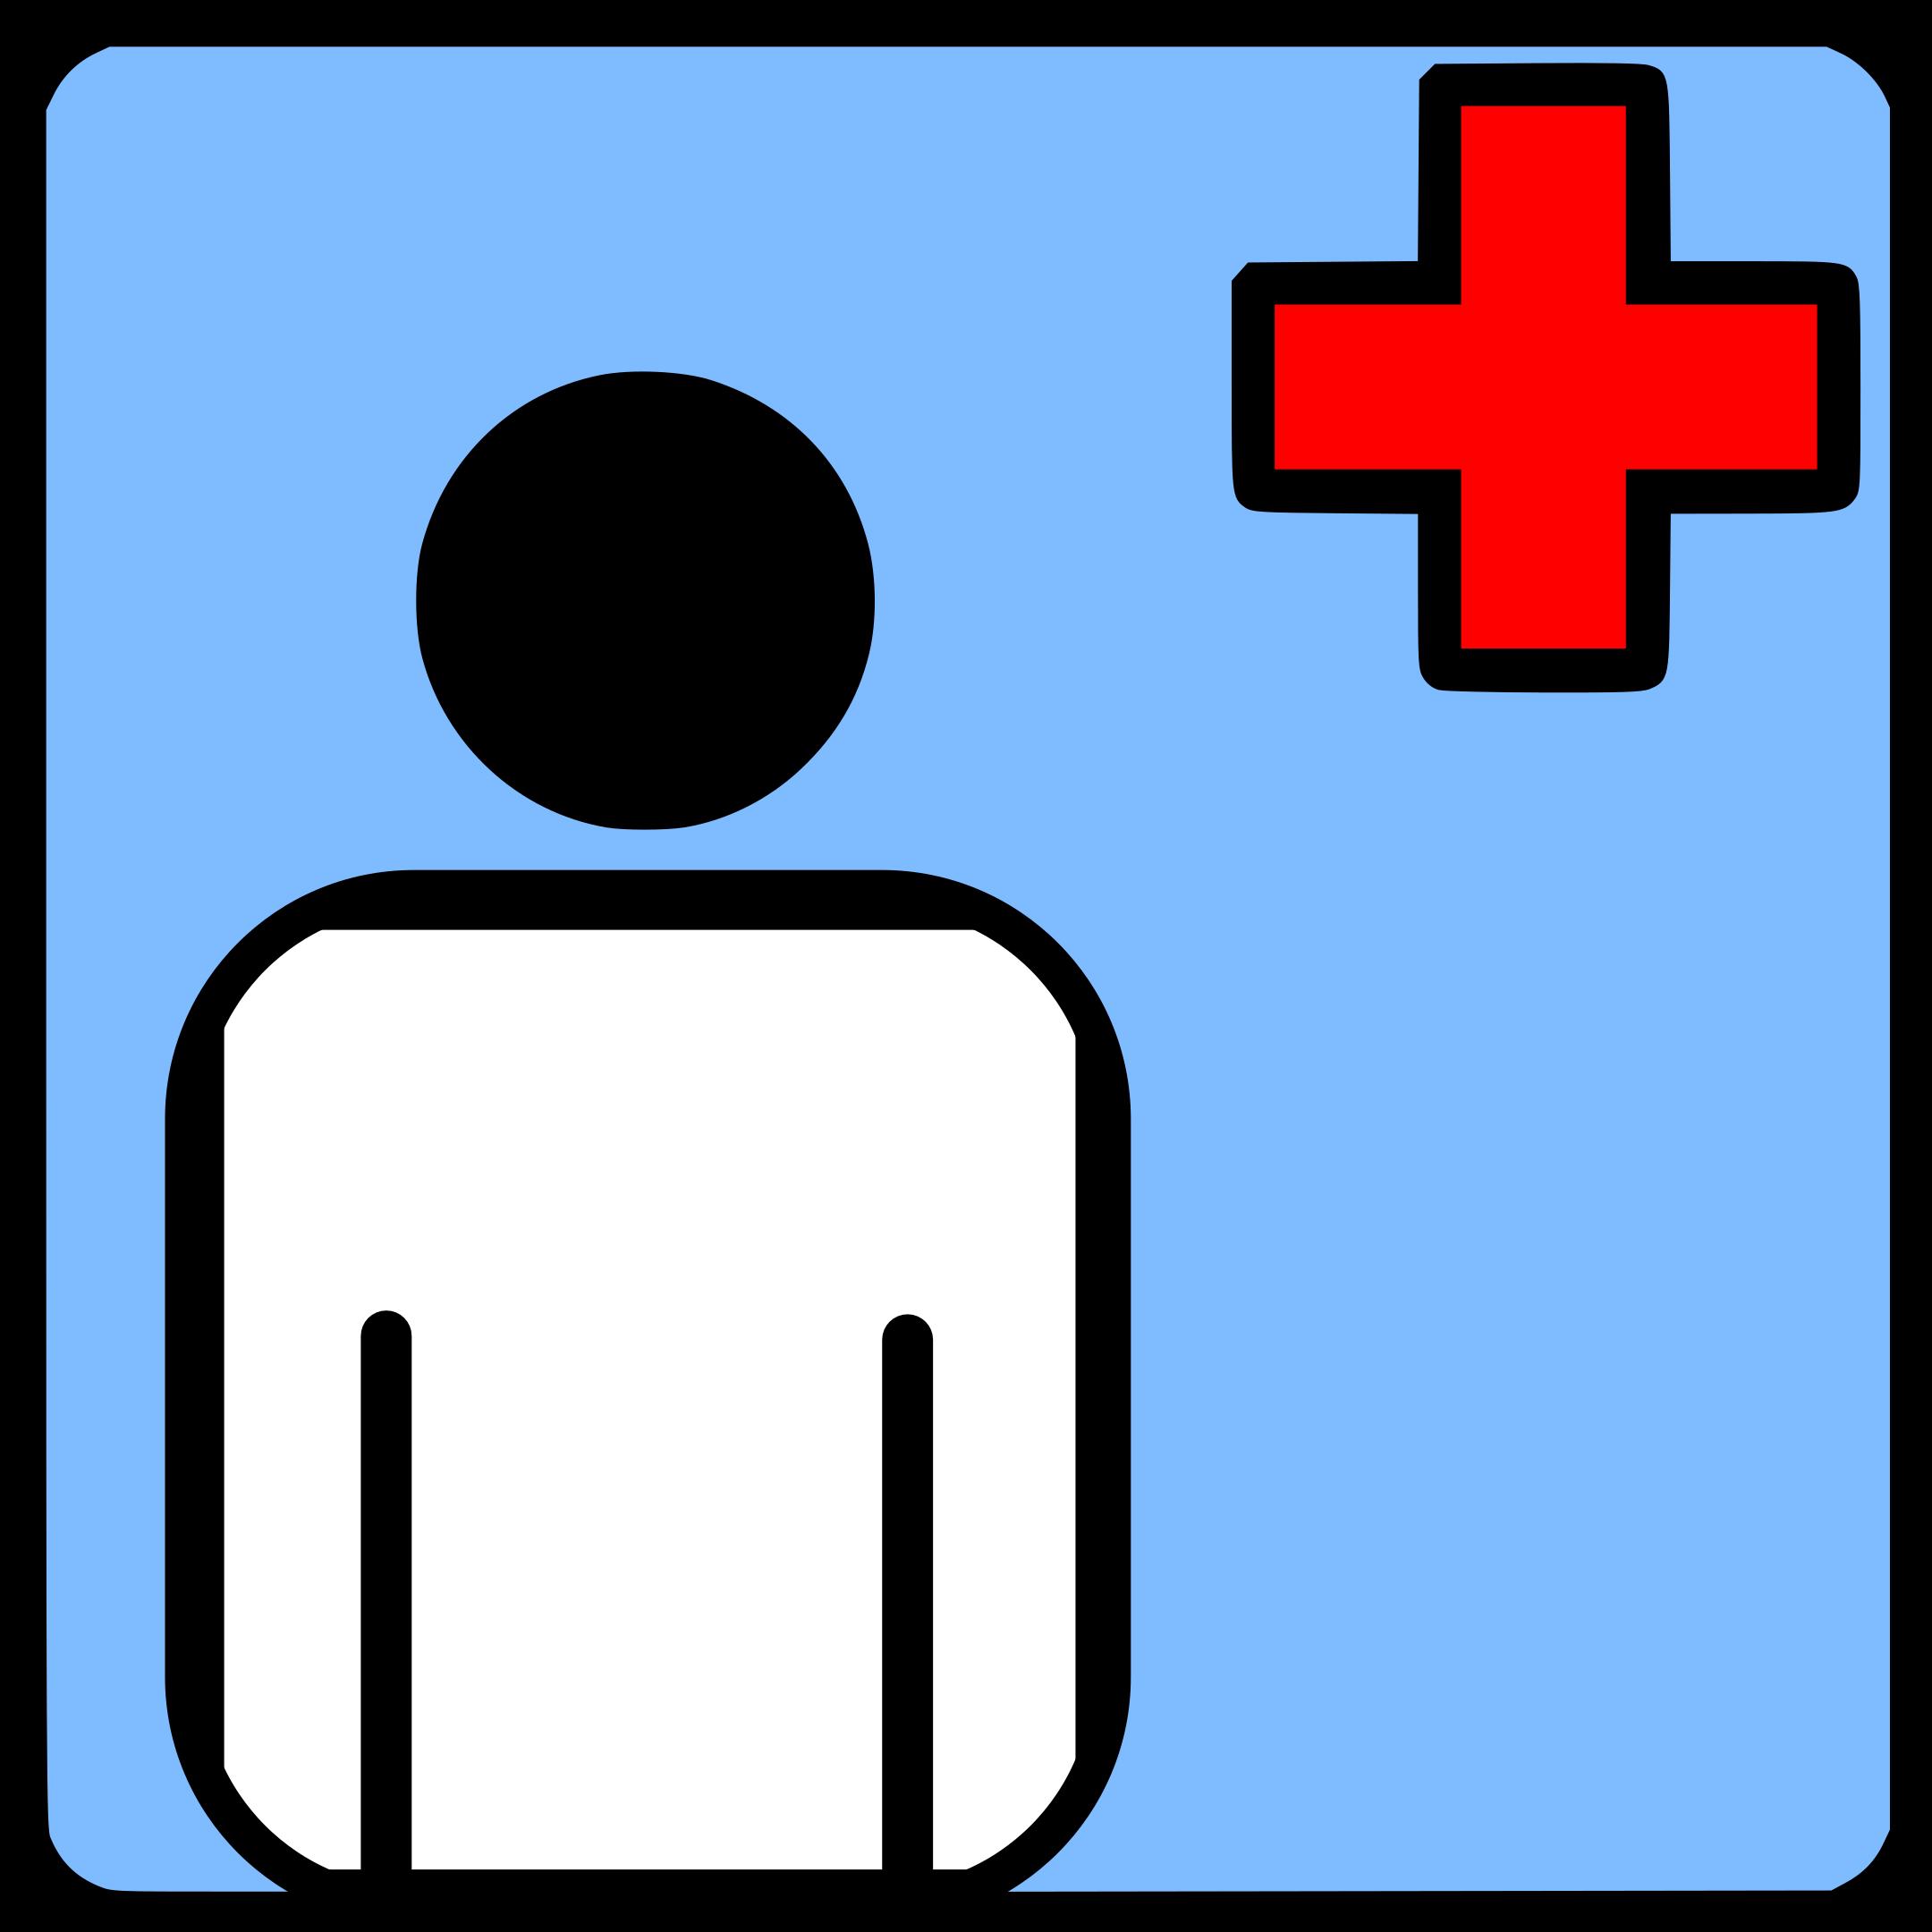 Anmeldung bei der Bayerischen Landesärztekammer für italienische Ärzte*innen